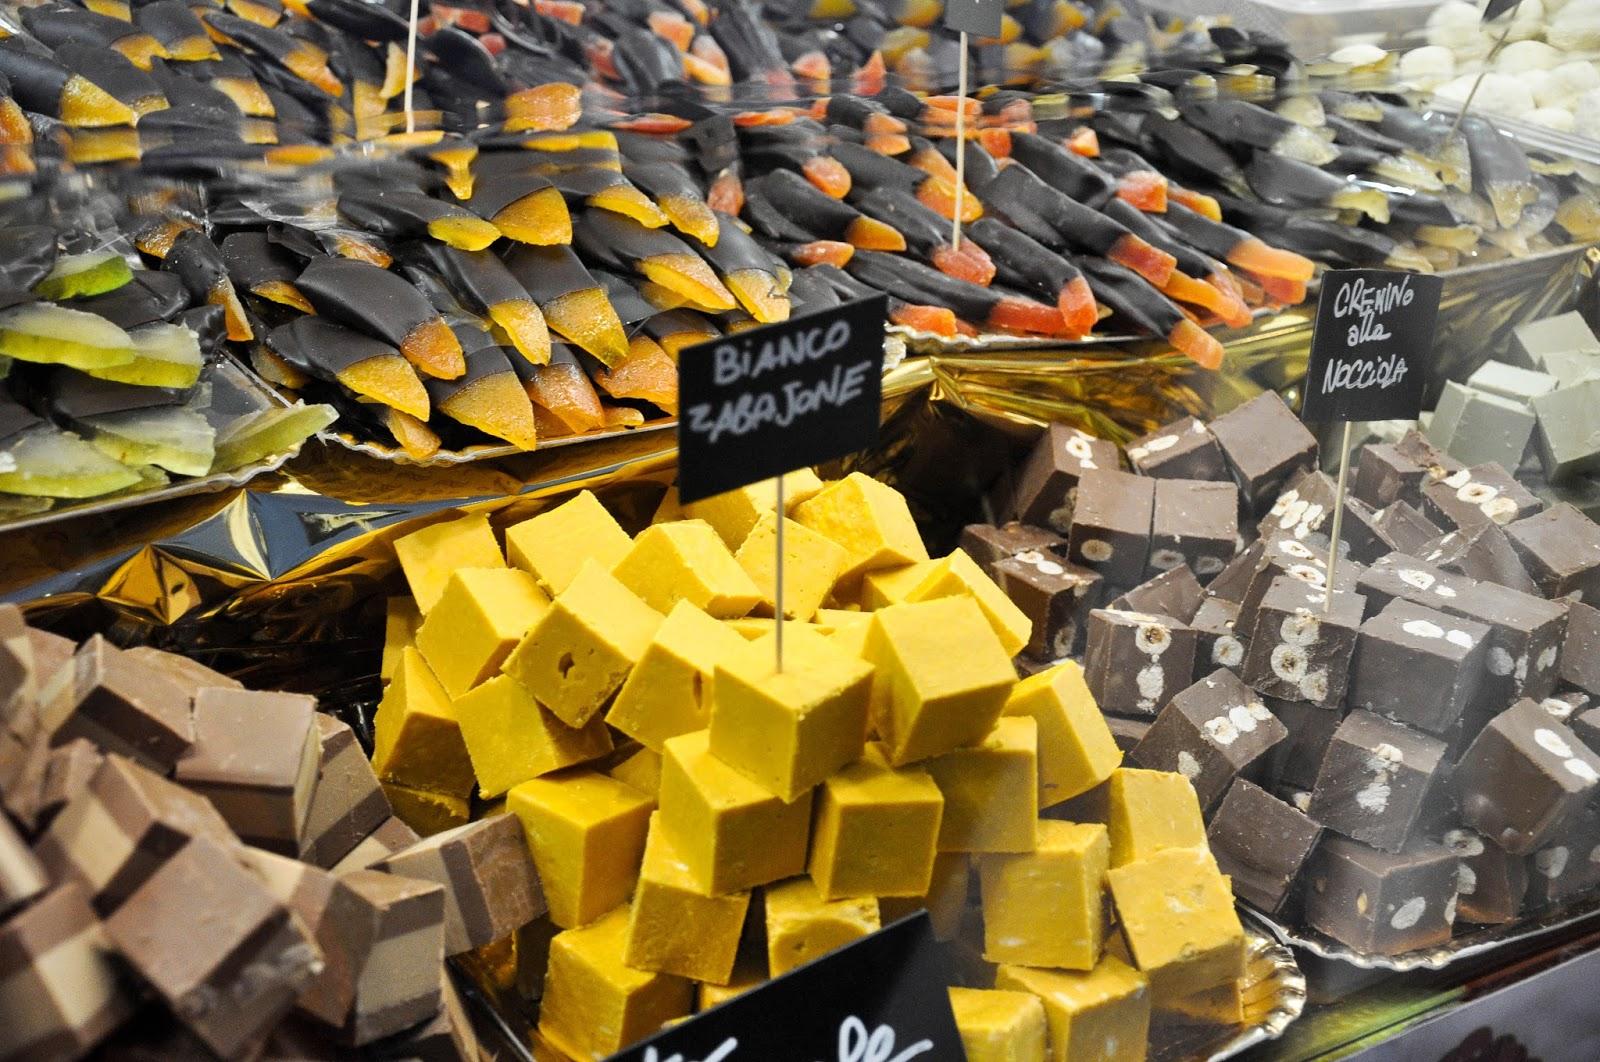 Cremino cubes, Chocolate Festival, Piazza dei Signori, Vicenza, Veneto, Italy